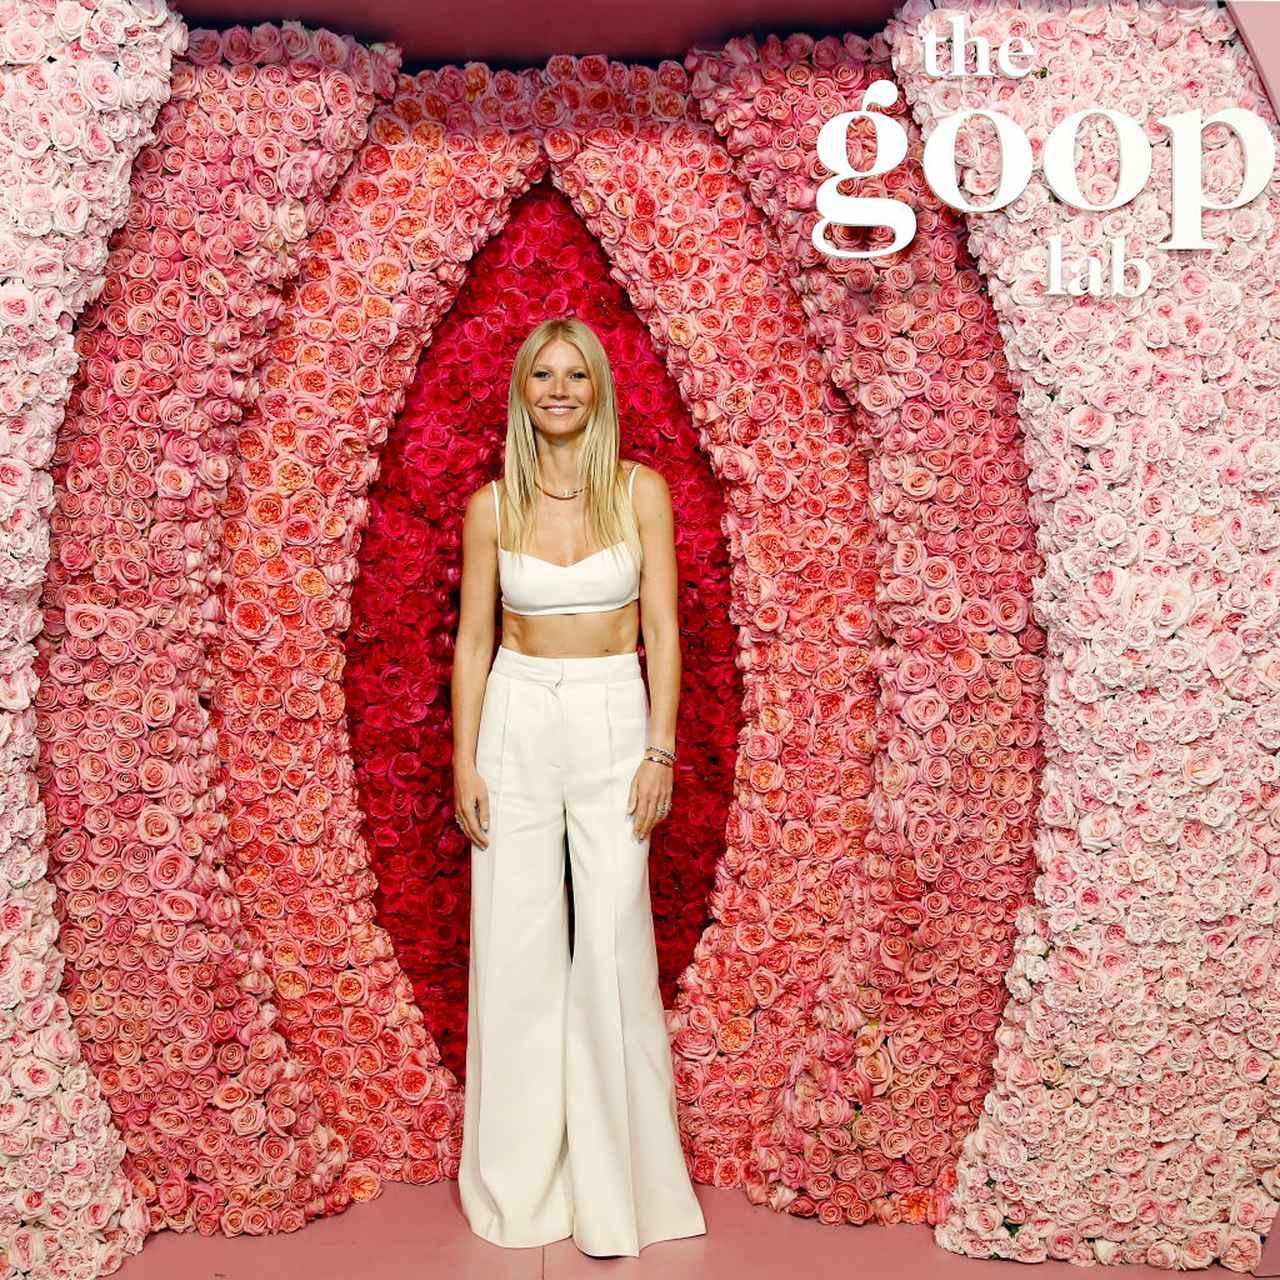 画像: グープの活動に焦点を当てたNetflixのドキュメンタリーシリーズ『グウィネス・パルトローのグープ・ラボ』の特別上映会に出席したグウィネス。会場には、女性器をイメージしたフラワーアレンジメントが登場した。